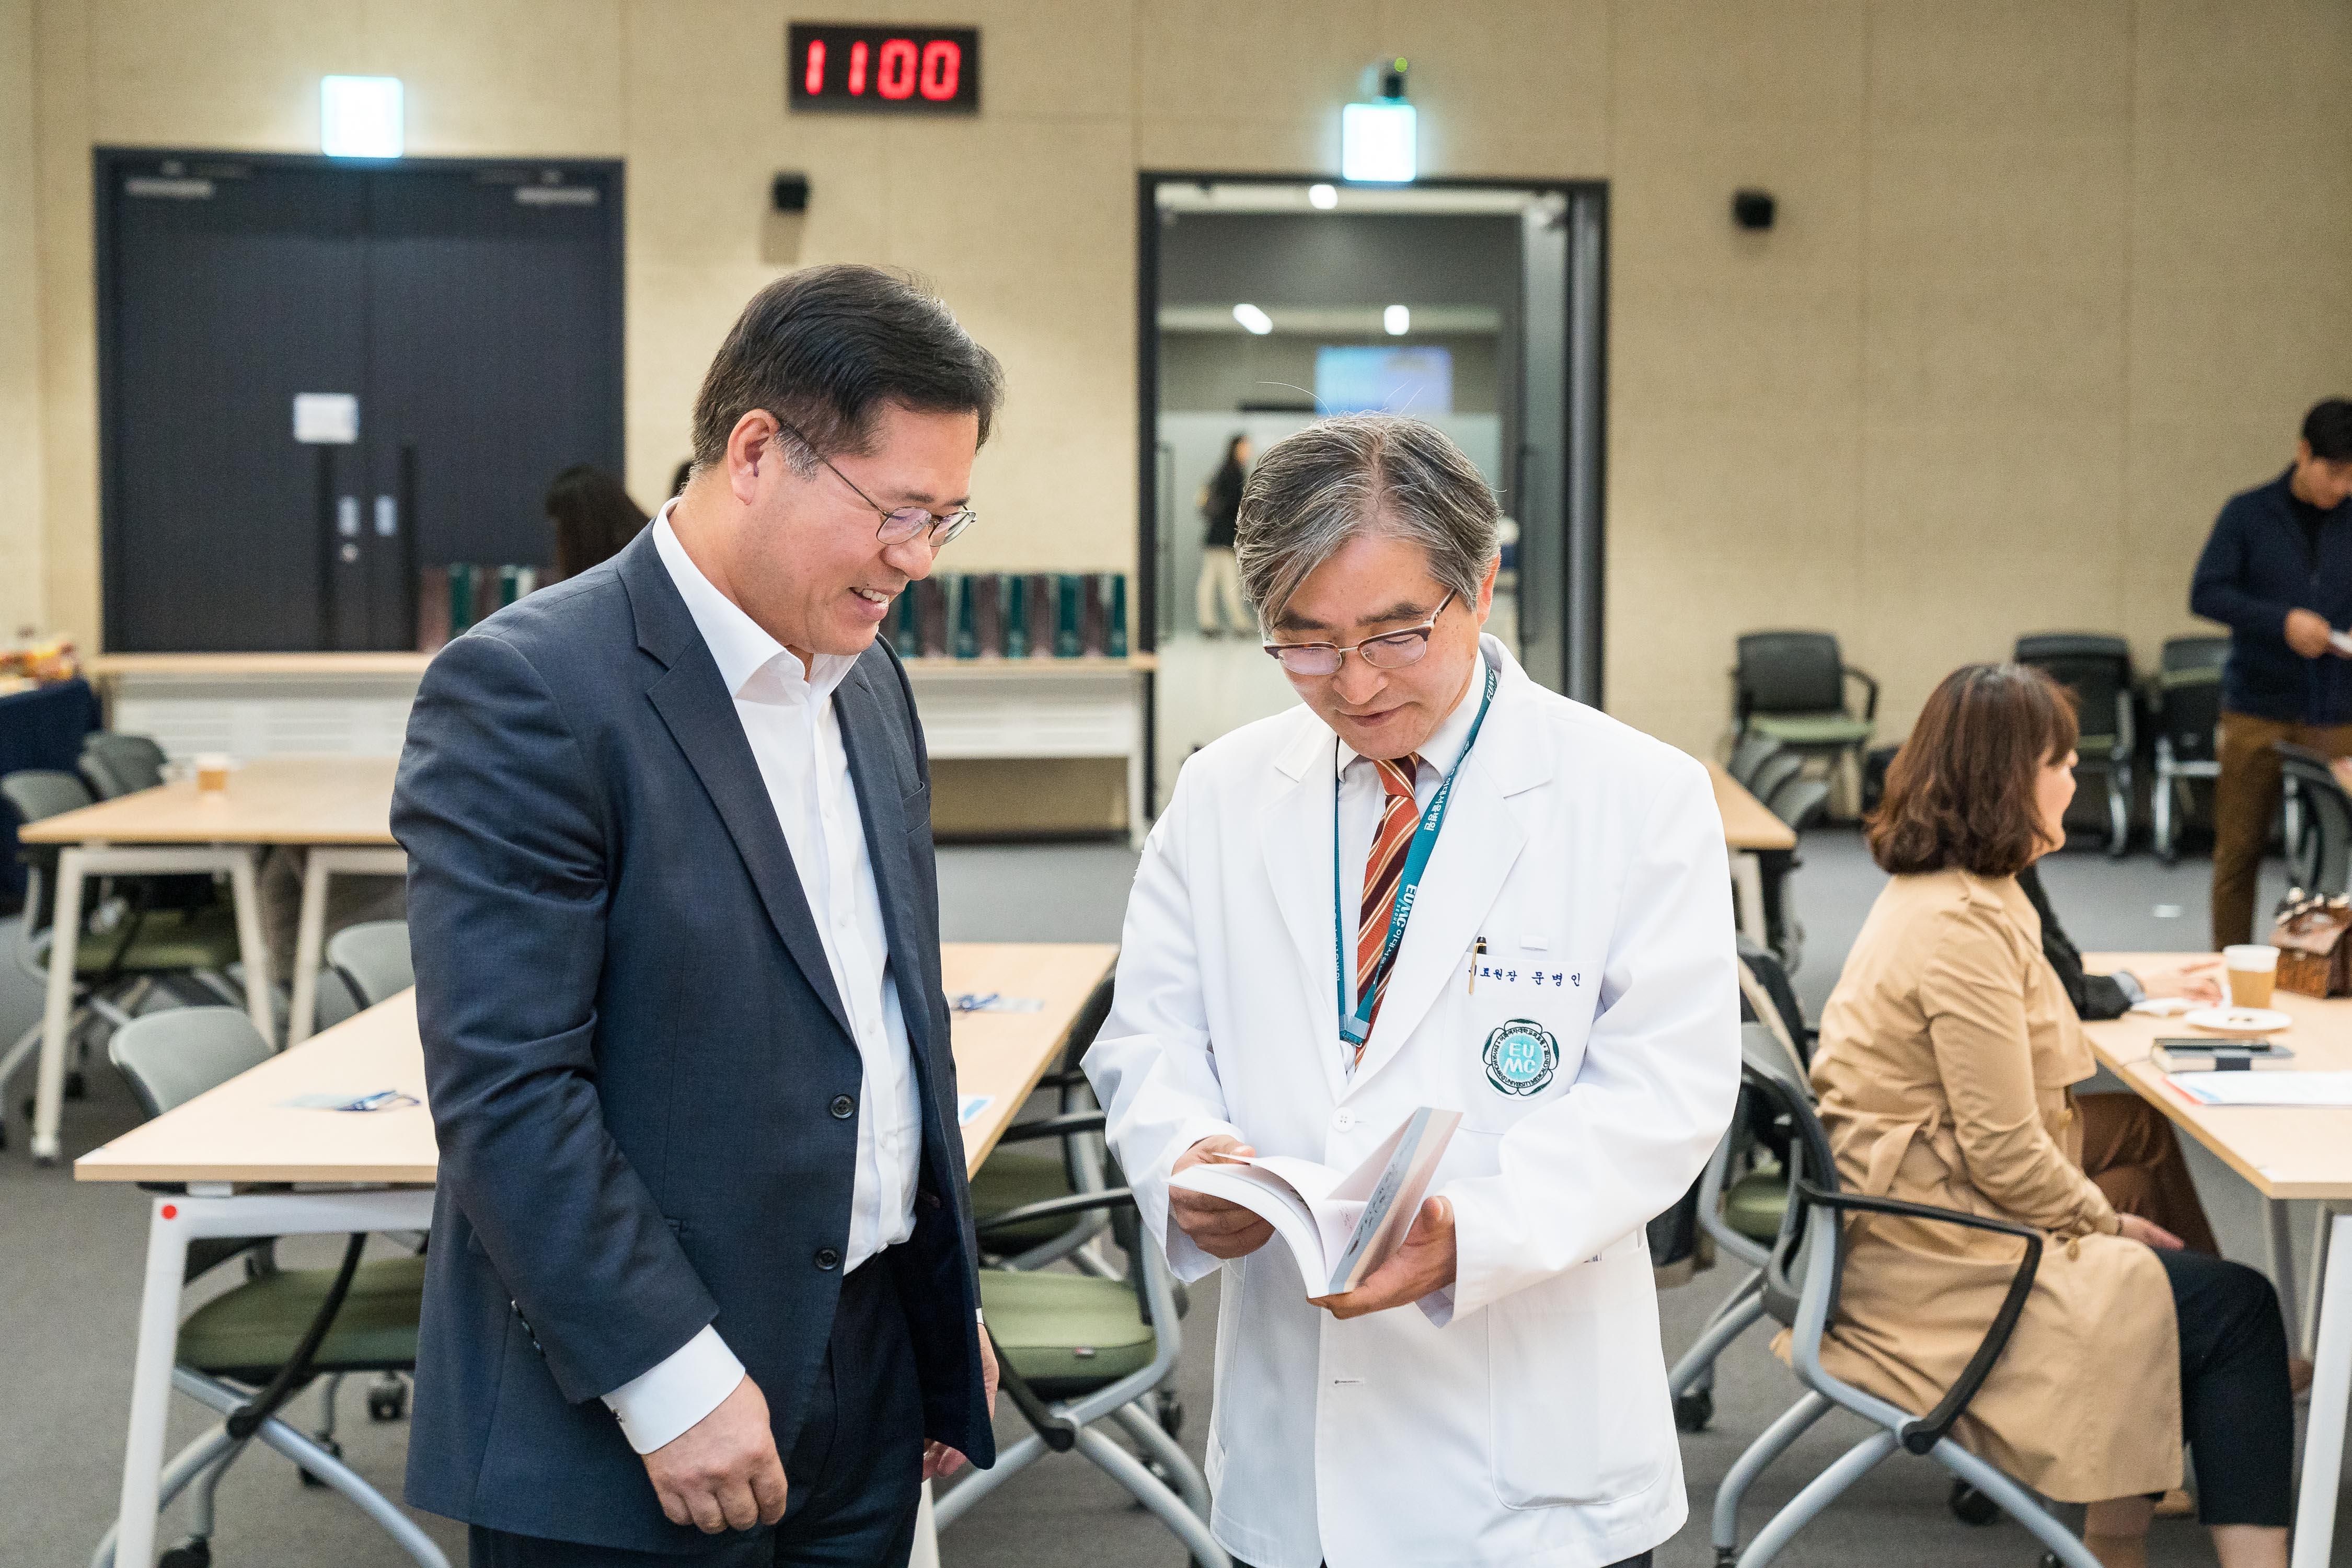 2019.10.16 < 제 7회 CEO-Biz 포럼 > 개최